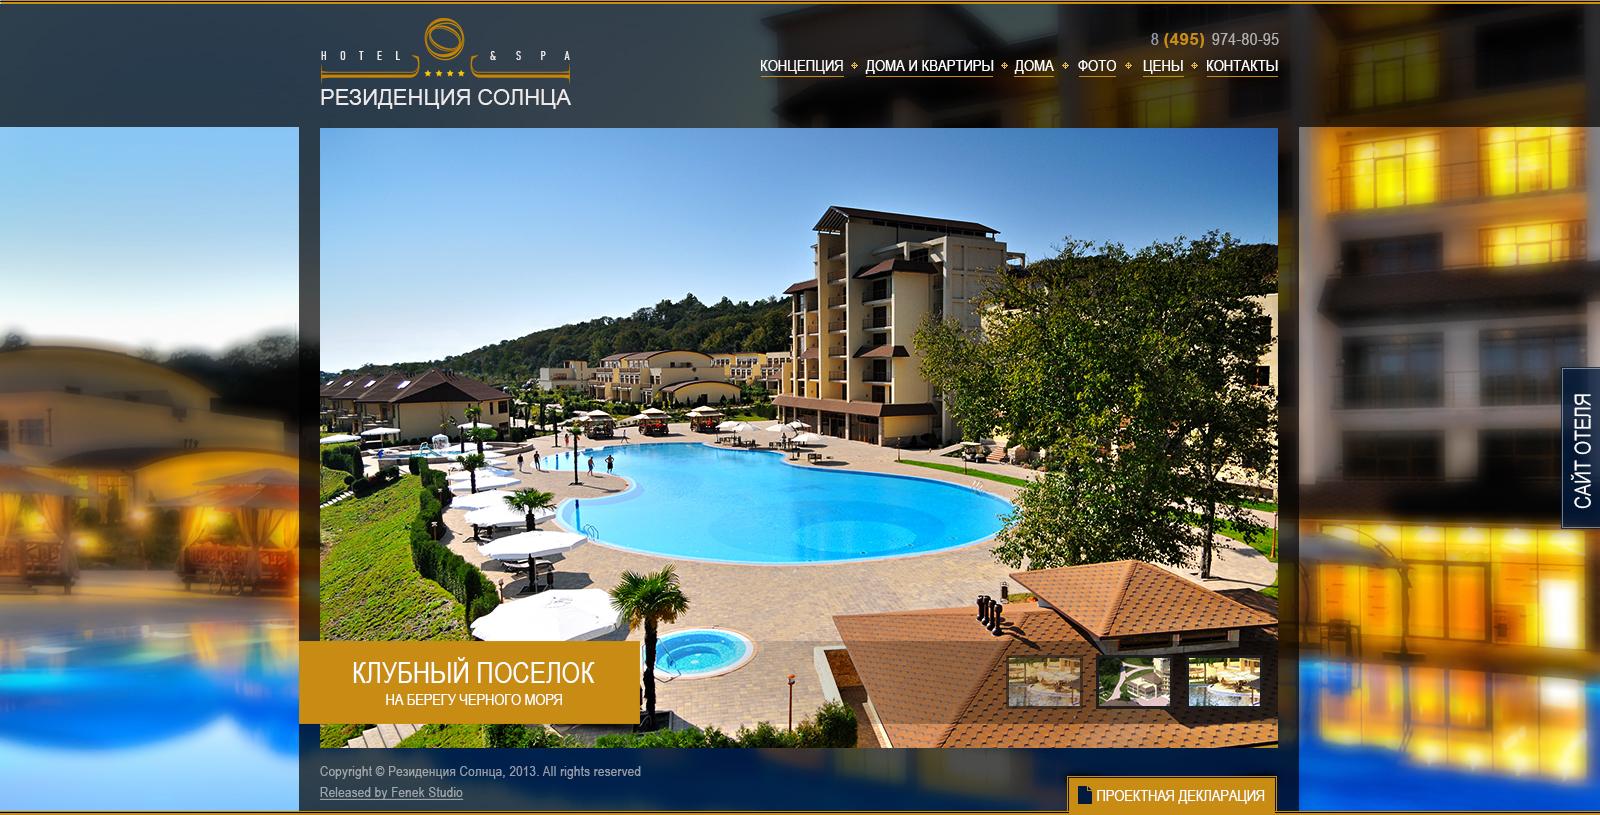 Разработка дизайна Главной страницы и всех внутренних для сайта отеля Резиденция солнца